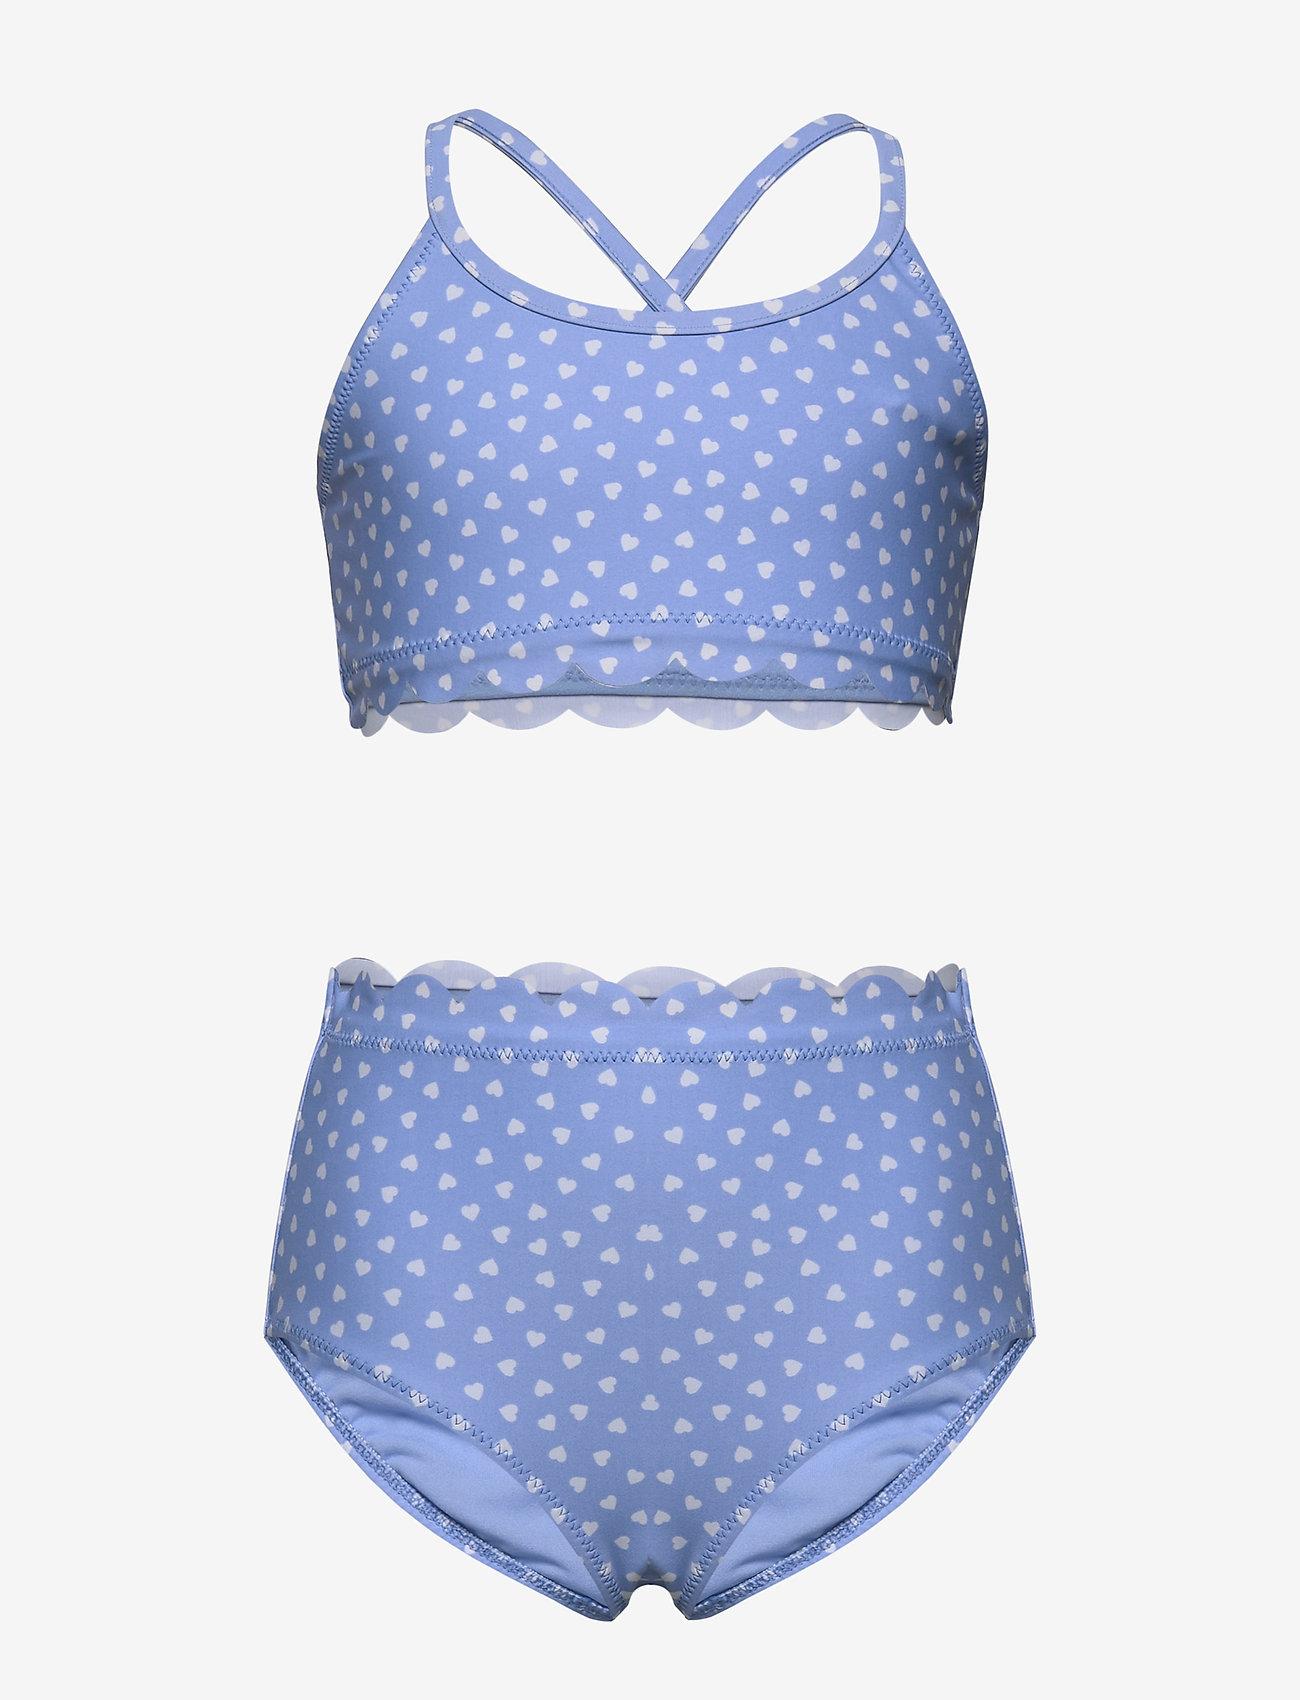 gap swimwear